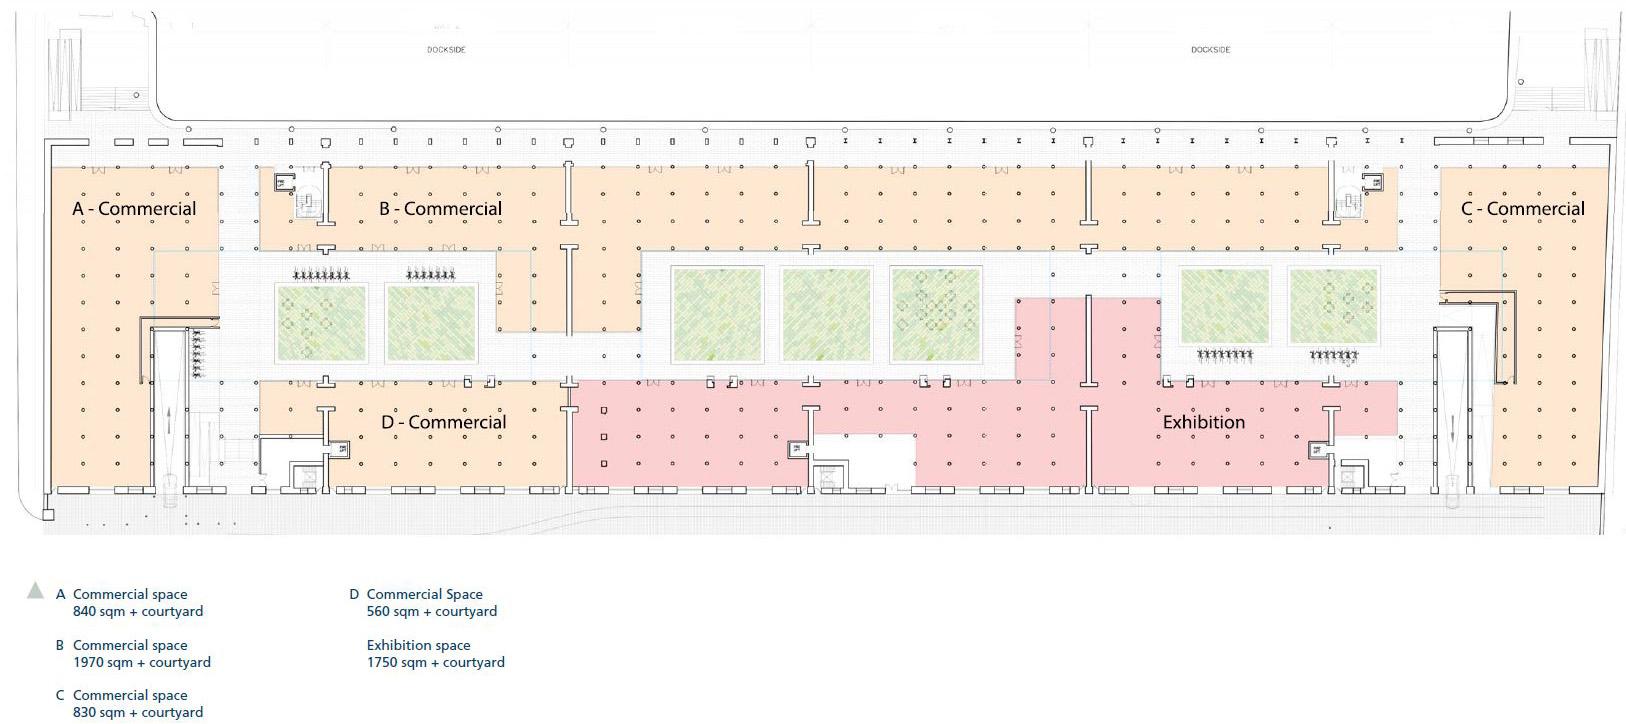 stanley dock ground floor commercial floorplan